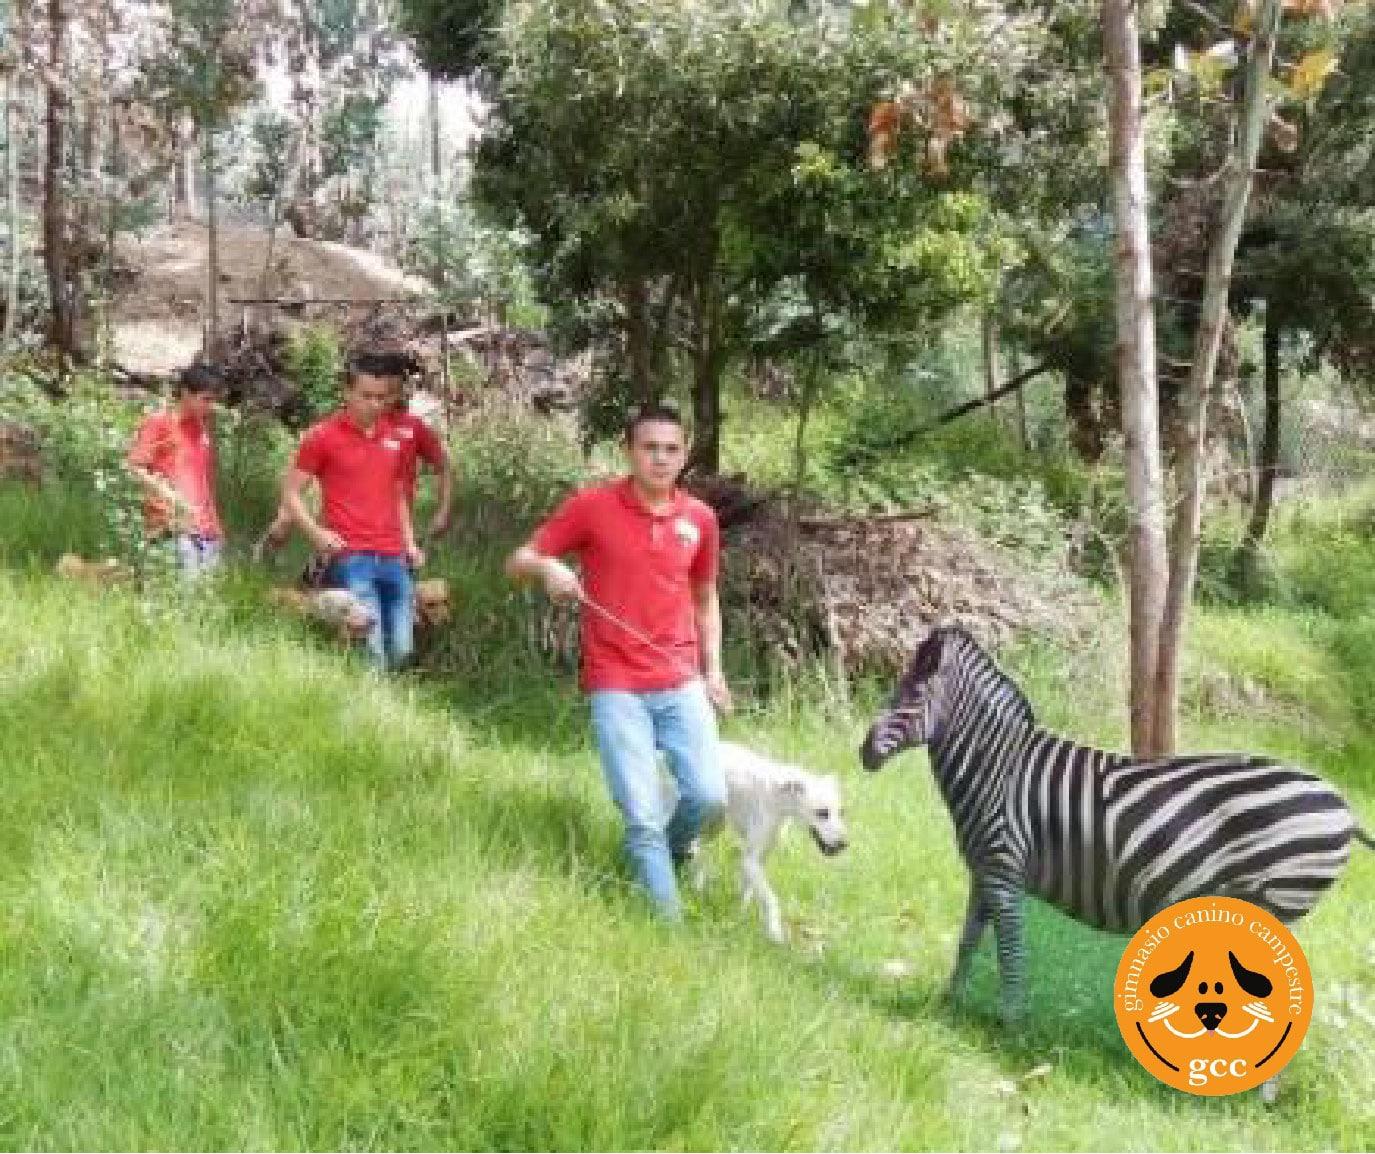 Caminatas Ecológicas con Mascotas en Bogotá - Guardería Canina Gimansio Canino Campestre